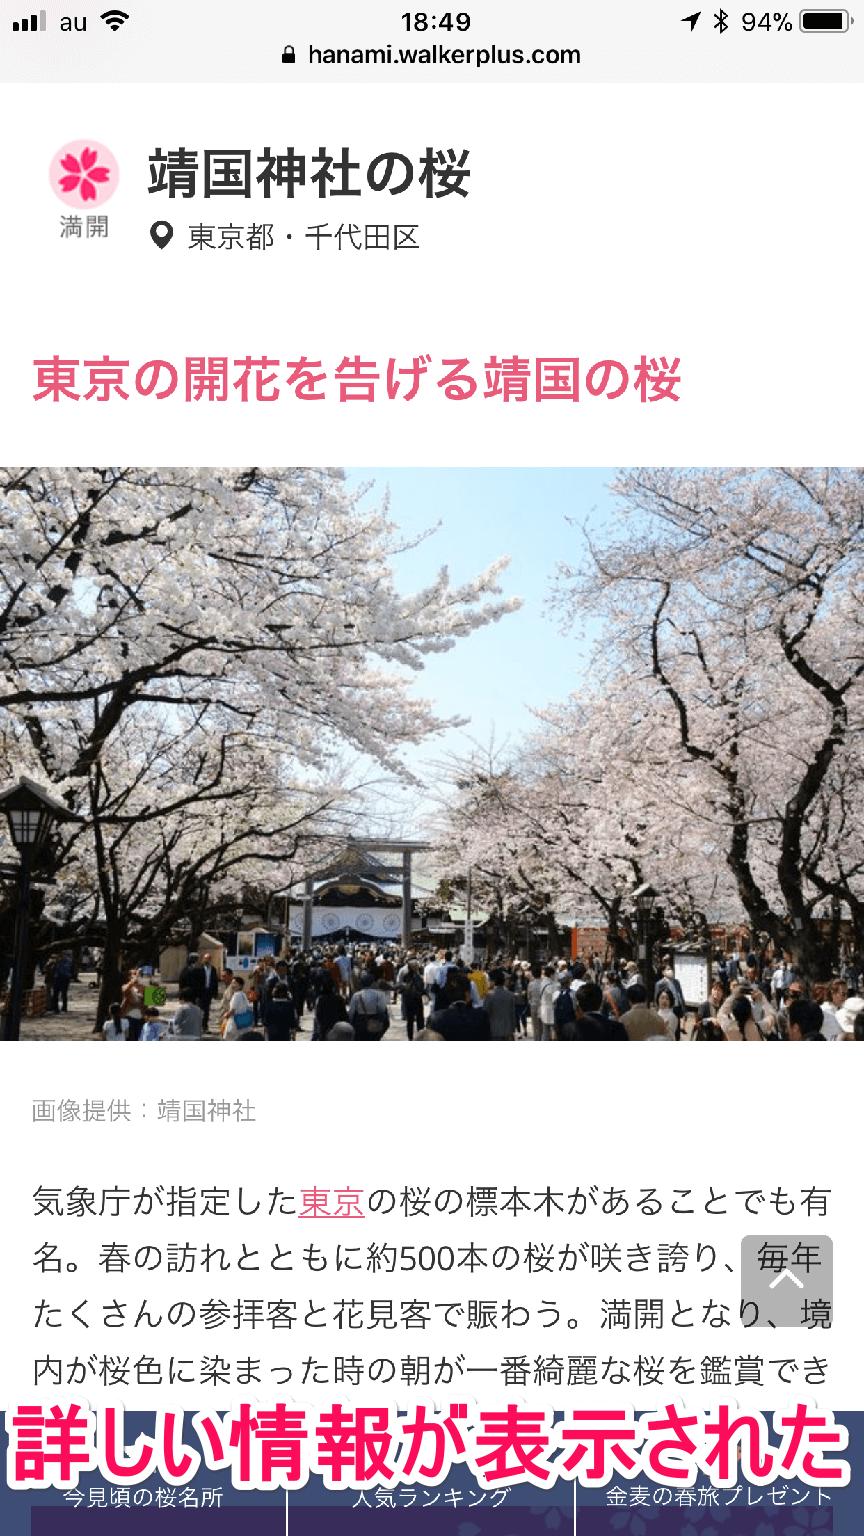 桜スポットのより詳しい画面(KADOKAWA「ウォーカープラス」のお花見情報の画面